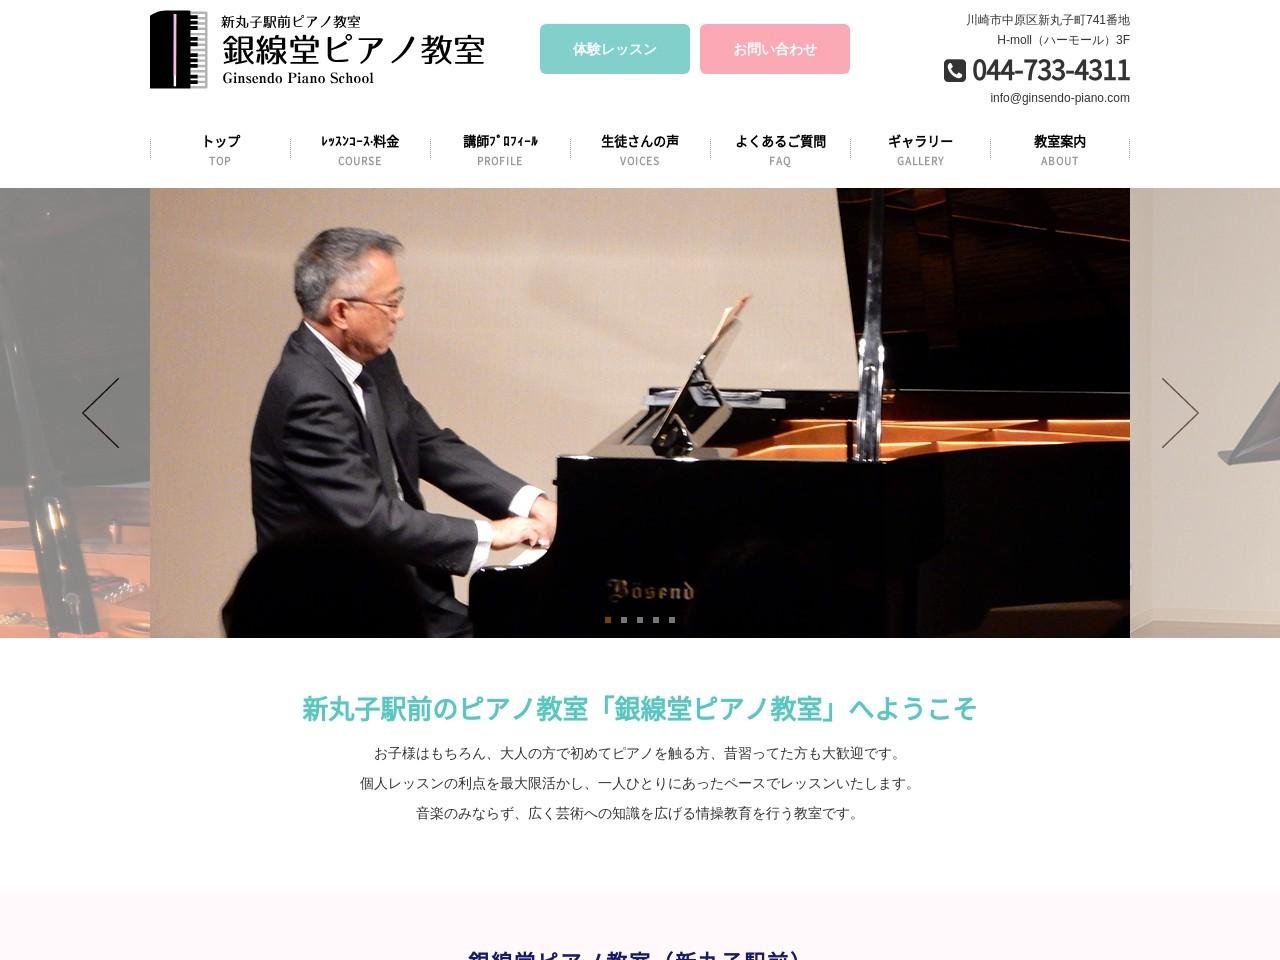 銀線堂ピアノ教室のサムネイル